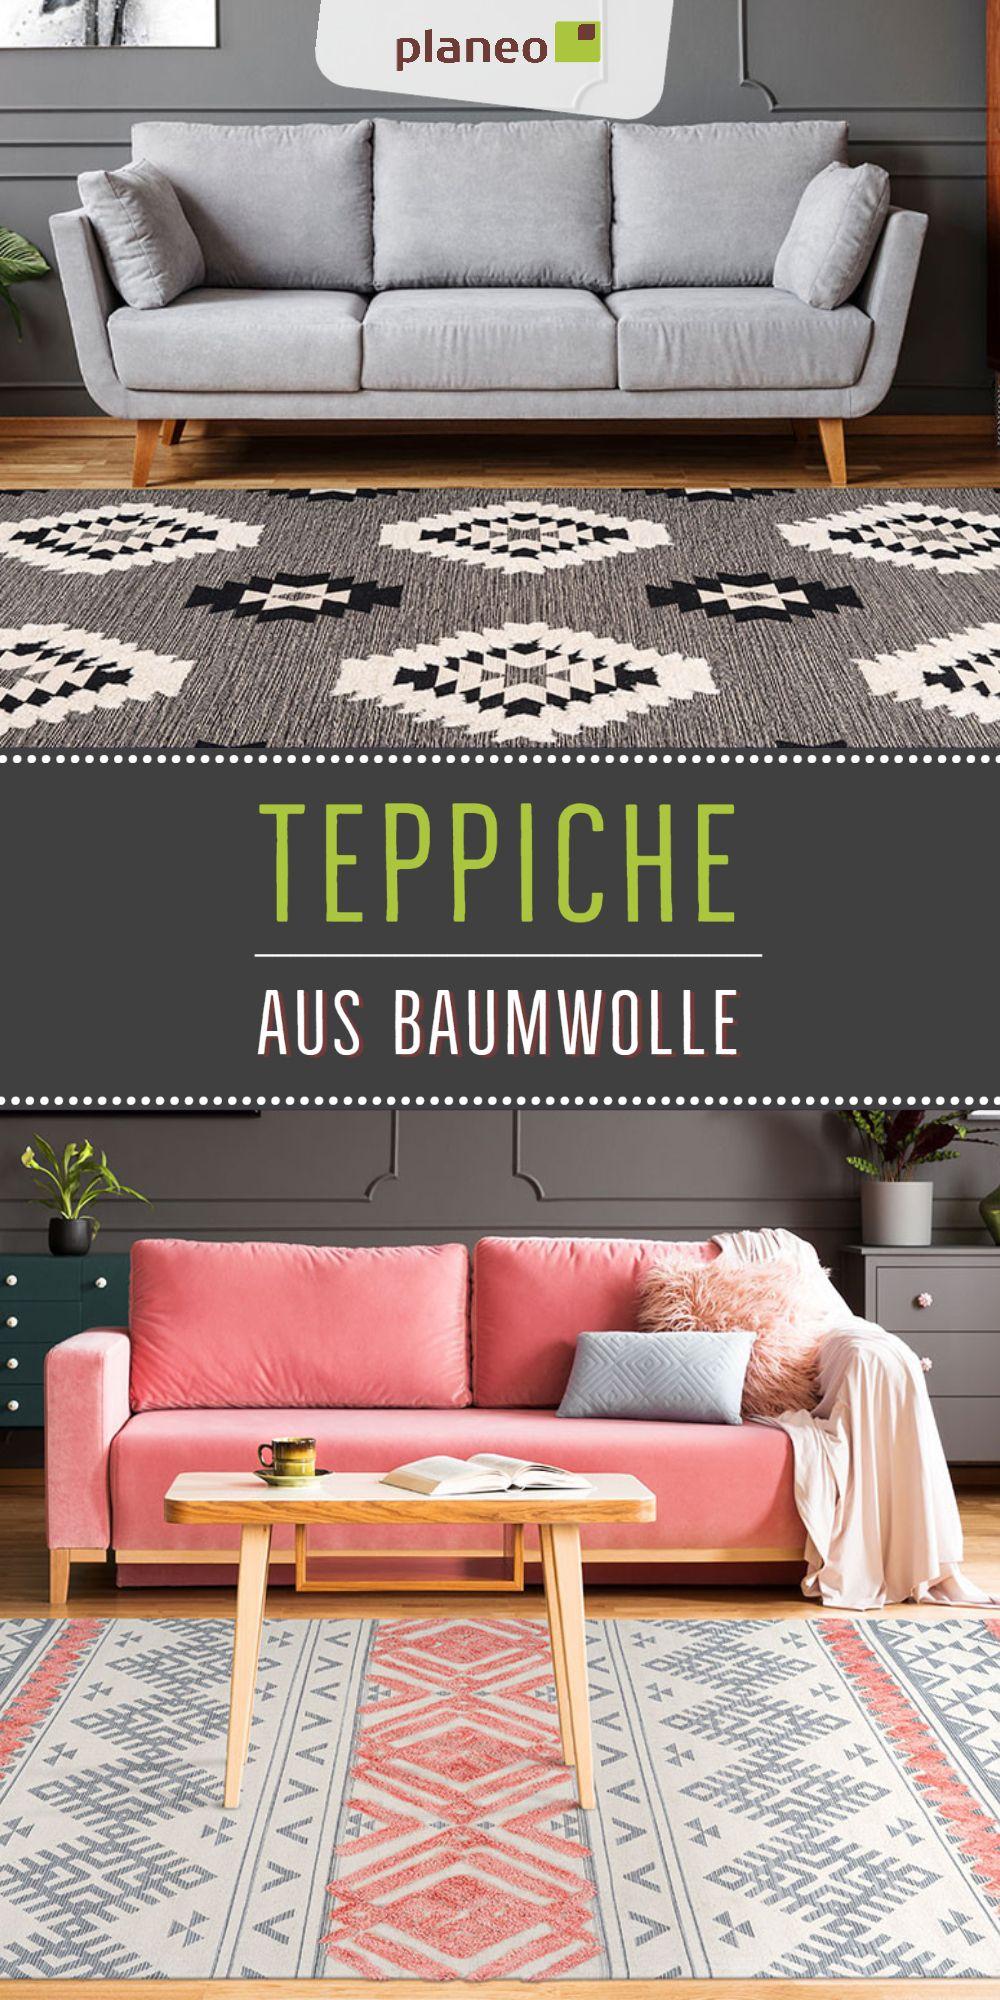 Teppiche Aus Baumwolle Fur Wohnzimmer Schlafzimmer Kinderzimmer Viele Muster Und Farben In 2020 Teppich Outdoor Sofa Teppich Online Kaufen